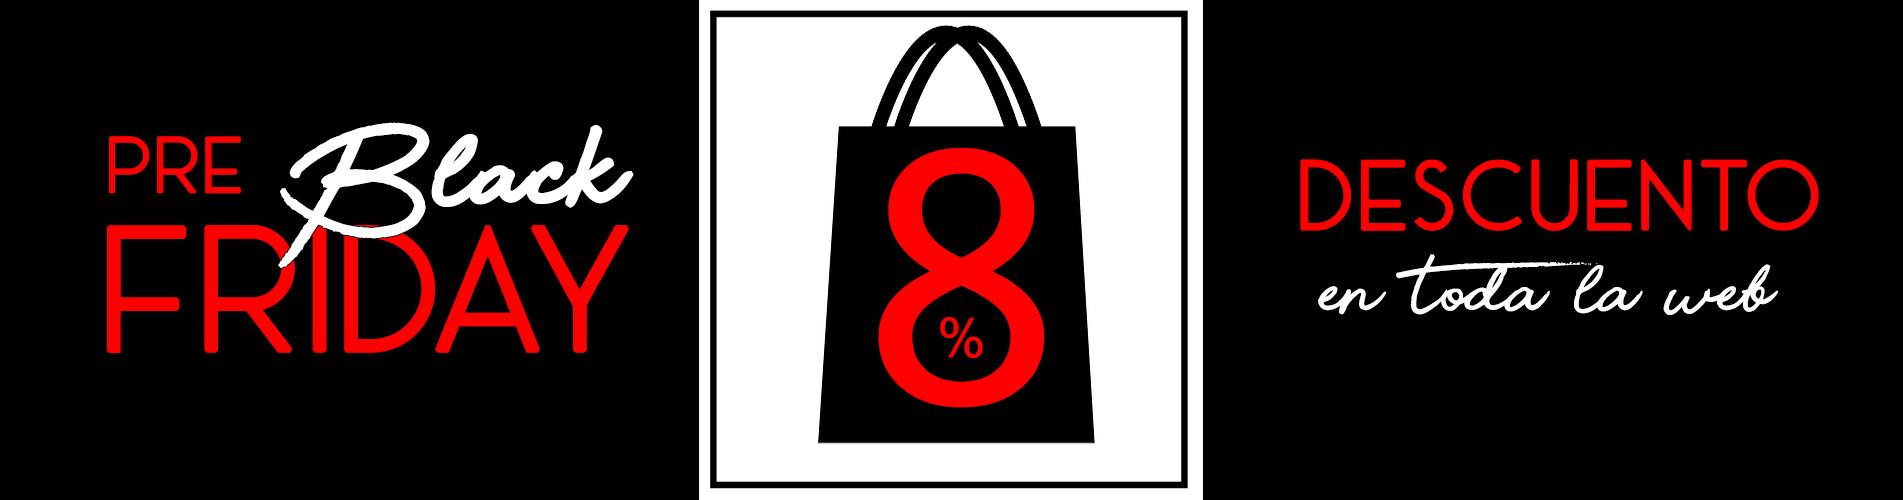 8% Descuento Aplicado en toda la Web